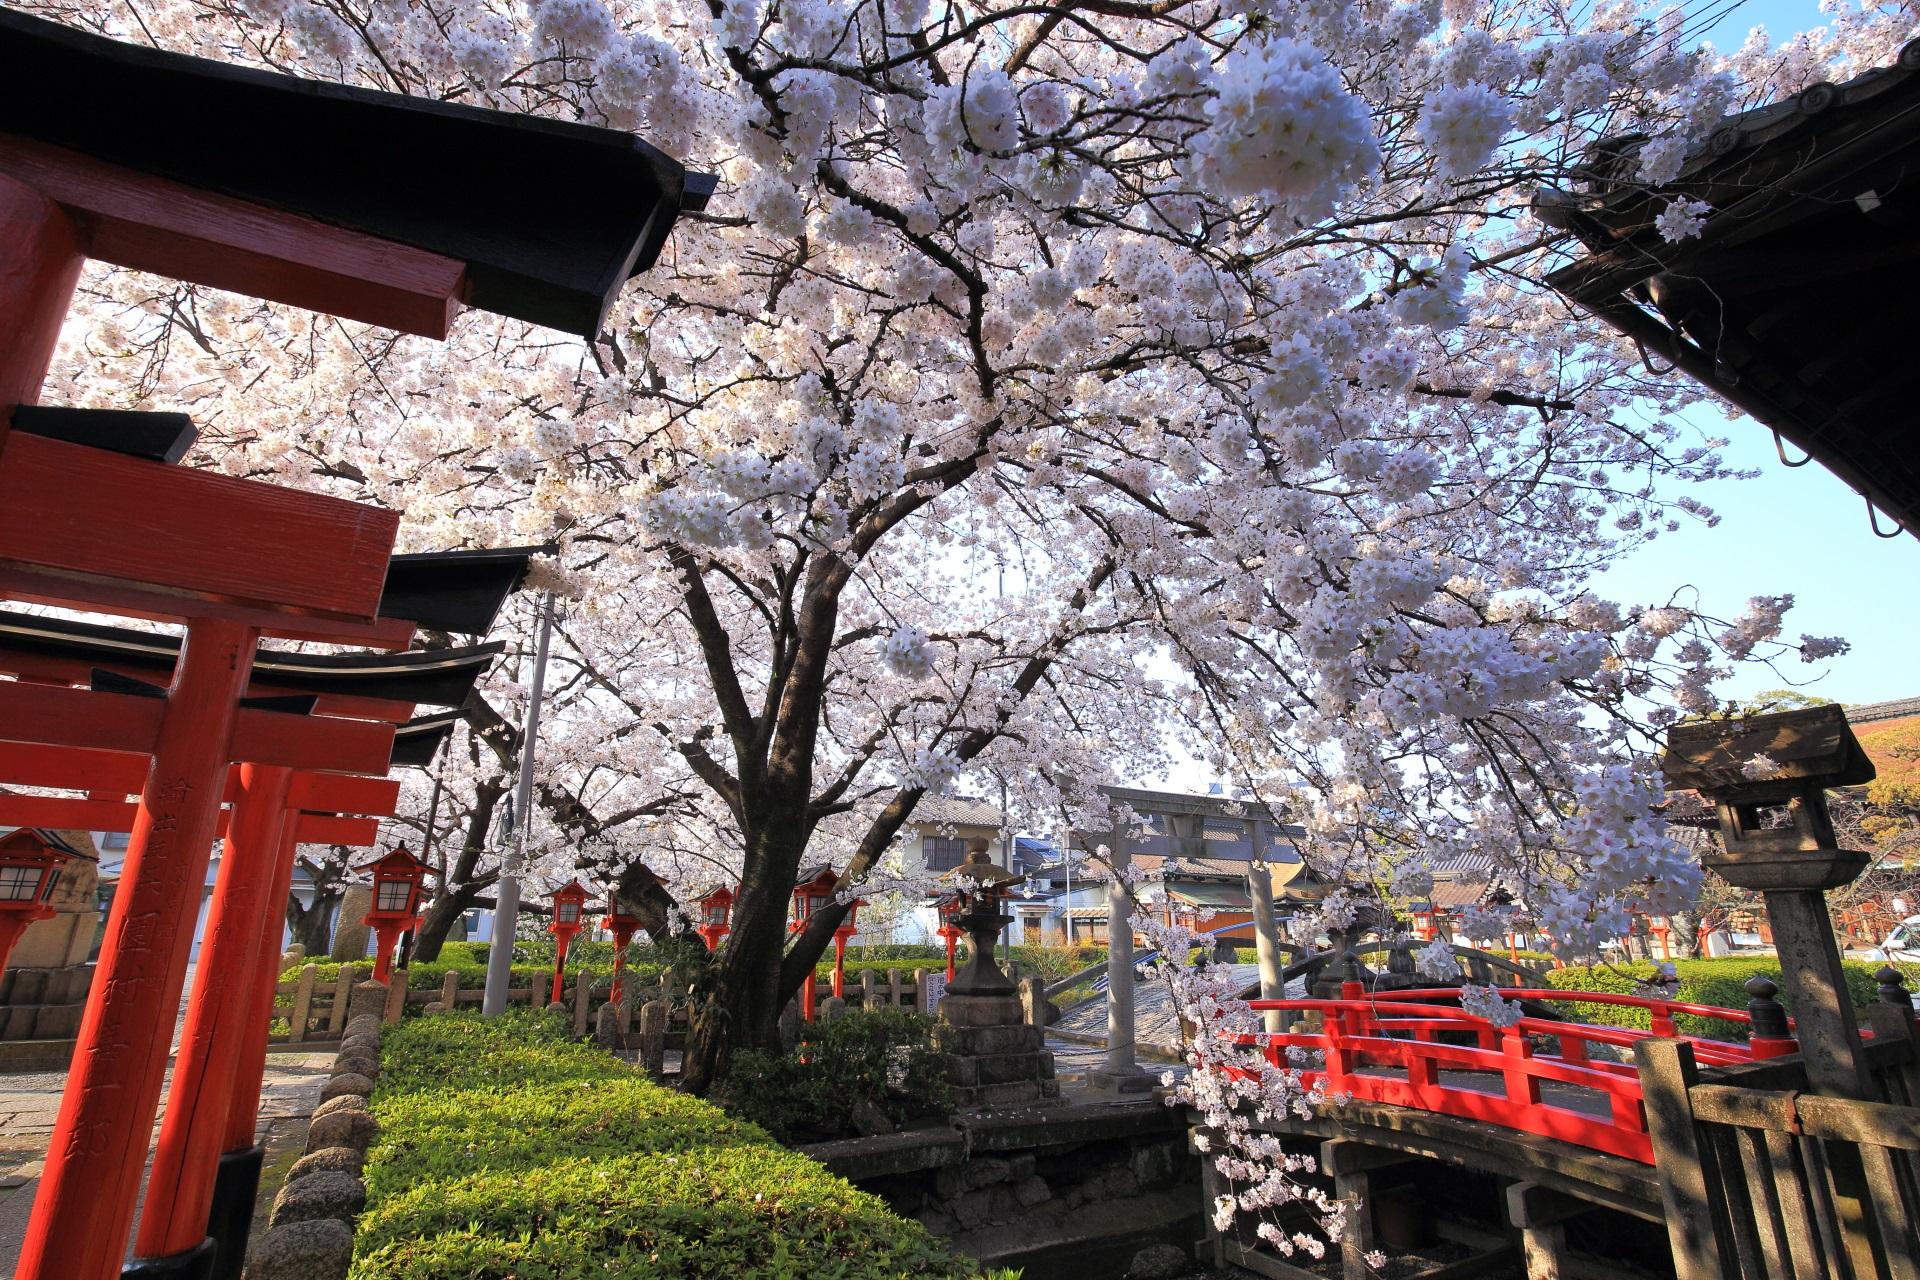 六孫王神社のこぼれ落ちんばかりに咲き誇る桜